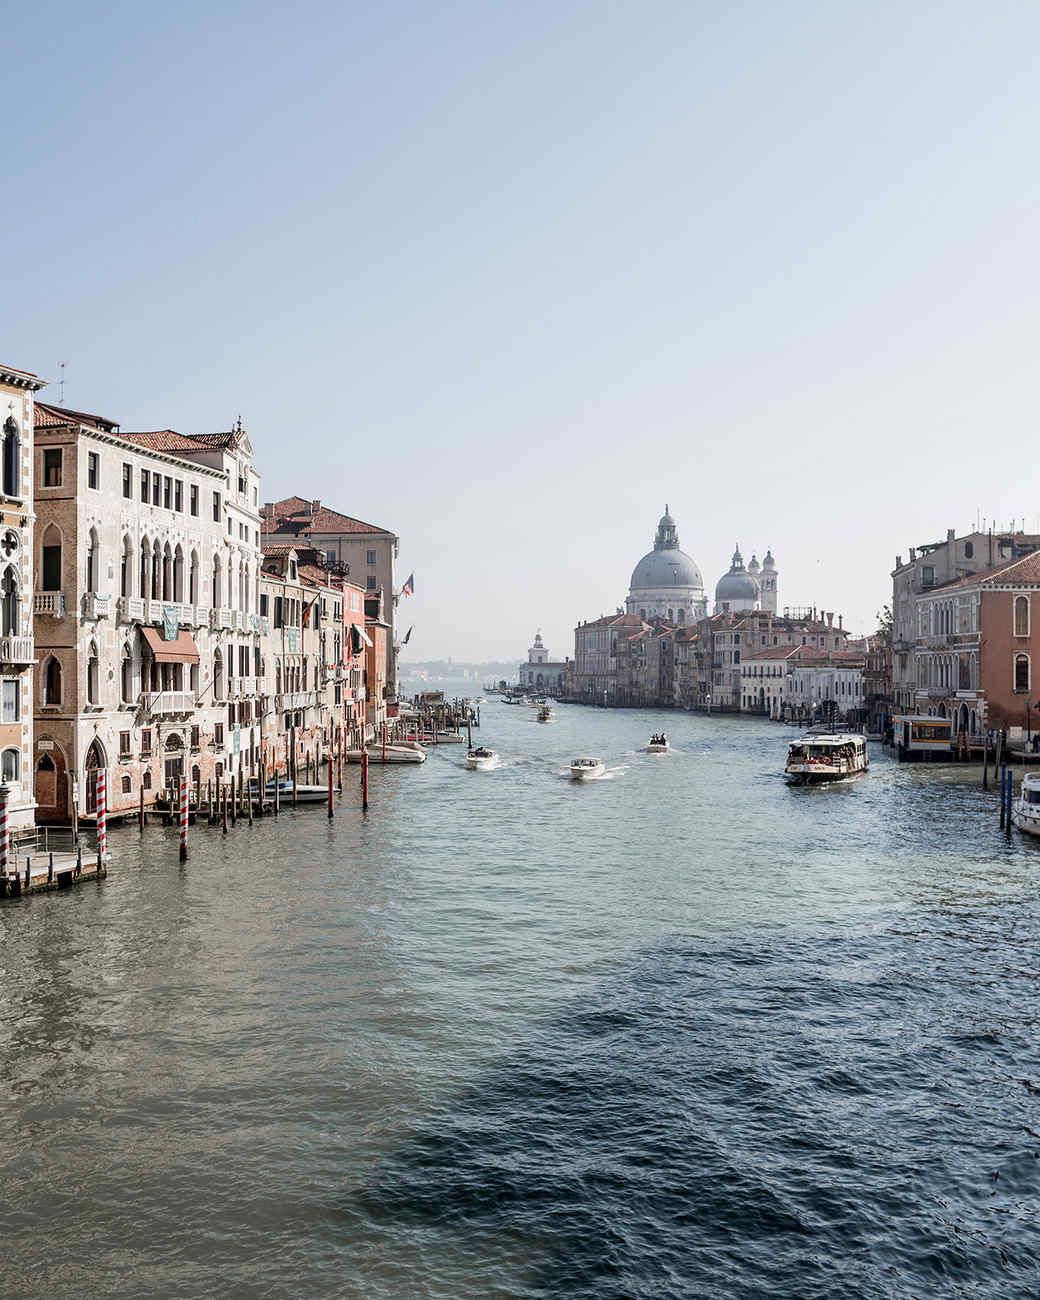 我们这边的意大利人_像威尼斯人一样吃:我们最喜欢的意大利最迷人城市的食谱玛莎 ...